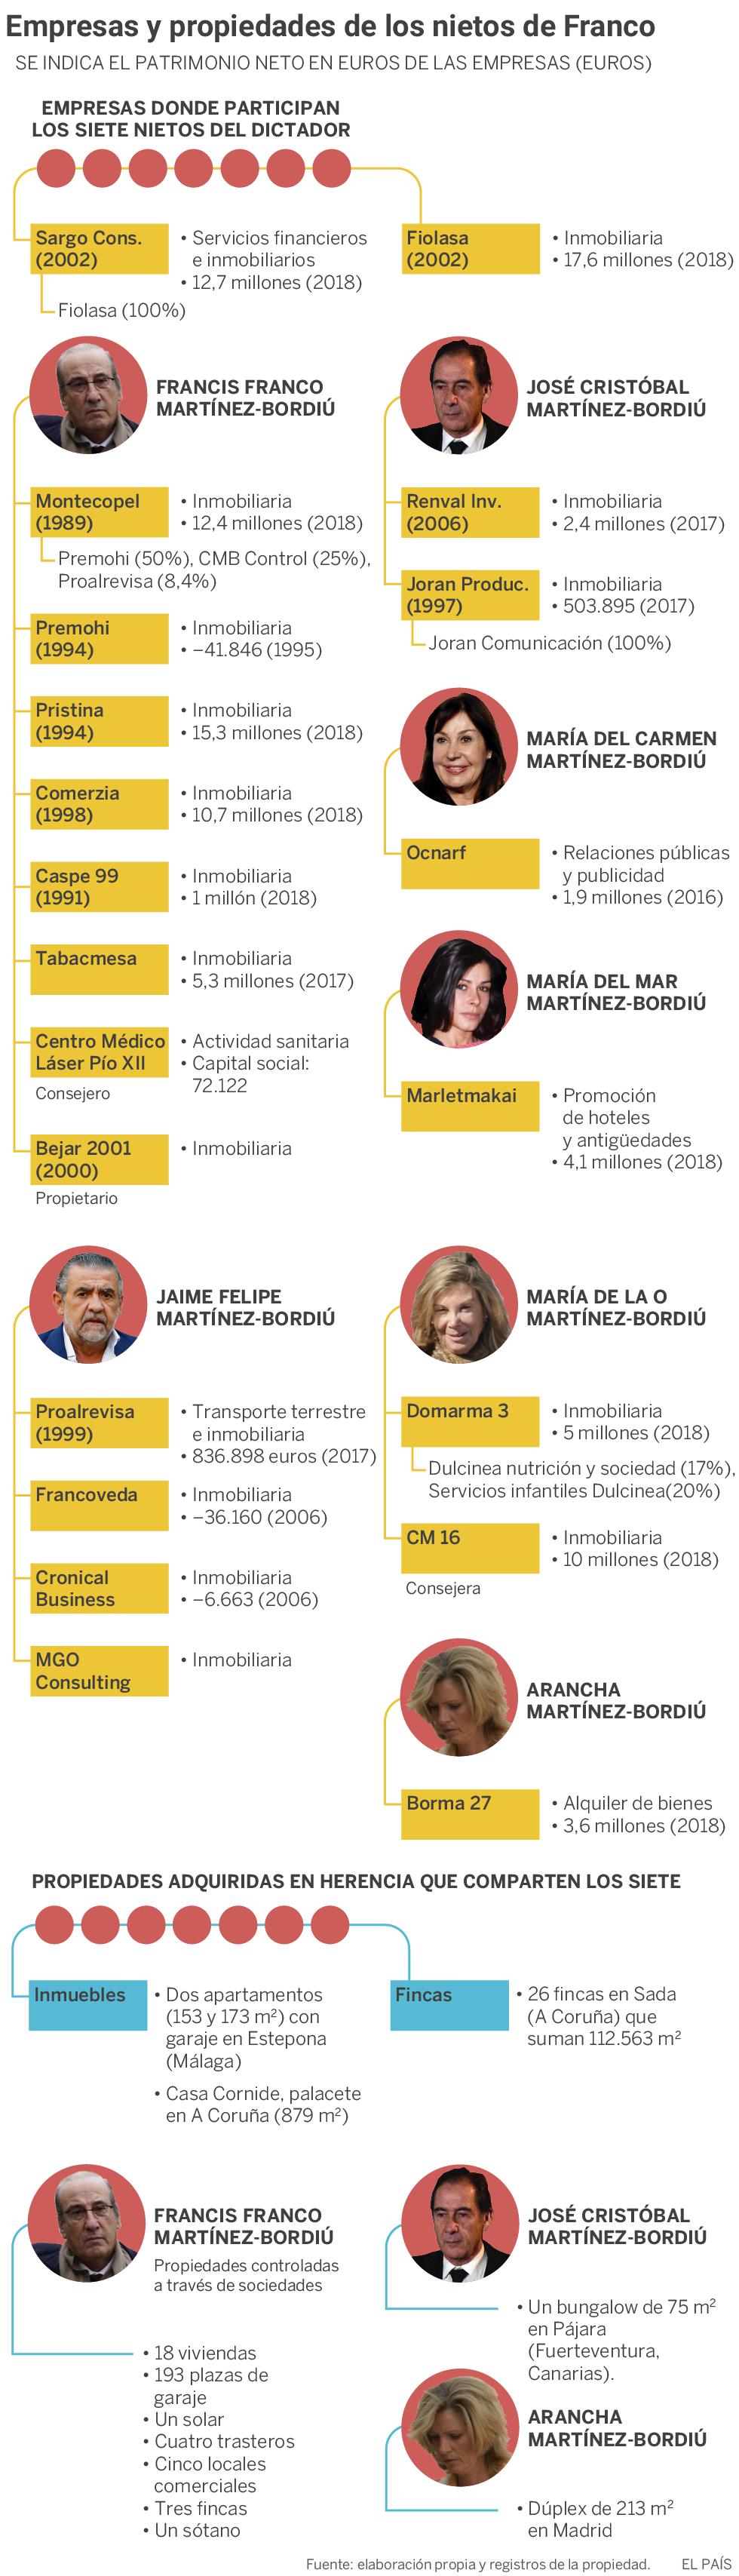 El emporio de los nietos de Franco: 258 propiedades